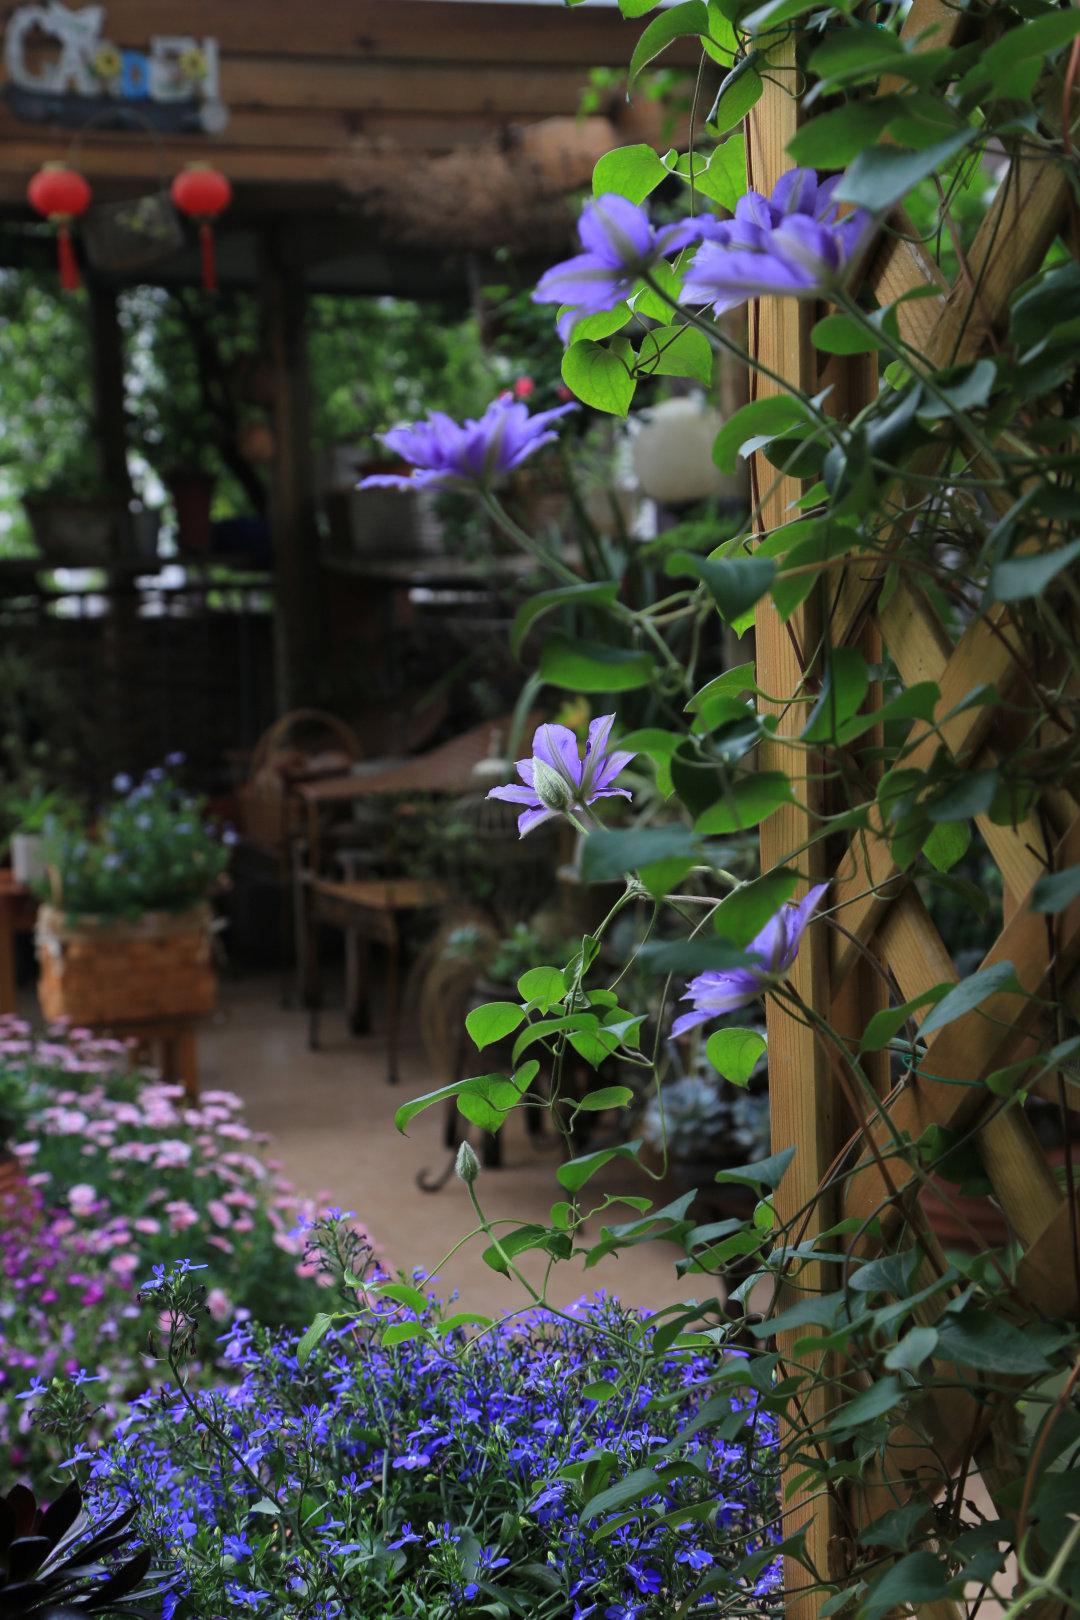 Khu vườn quanh năm chỉ có mùa xuân với hoa nở tưng bừng của cô giáo dạy Toán-20